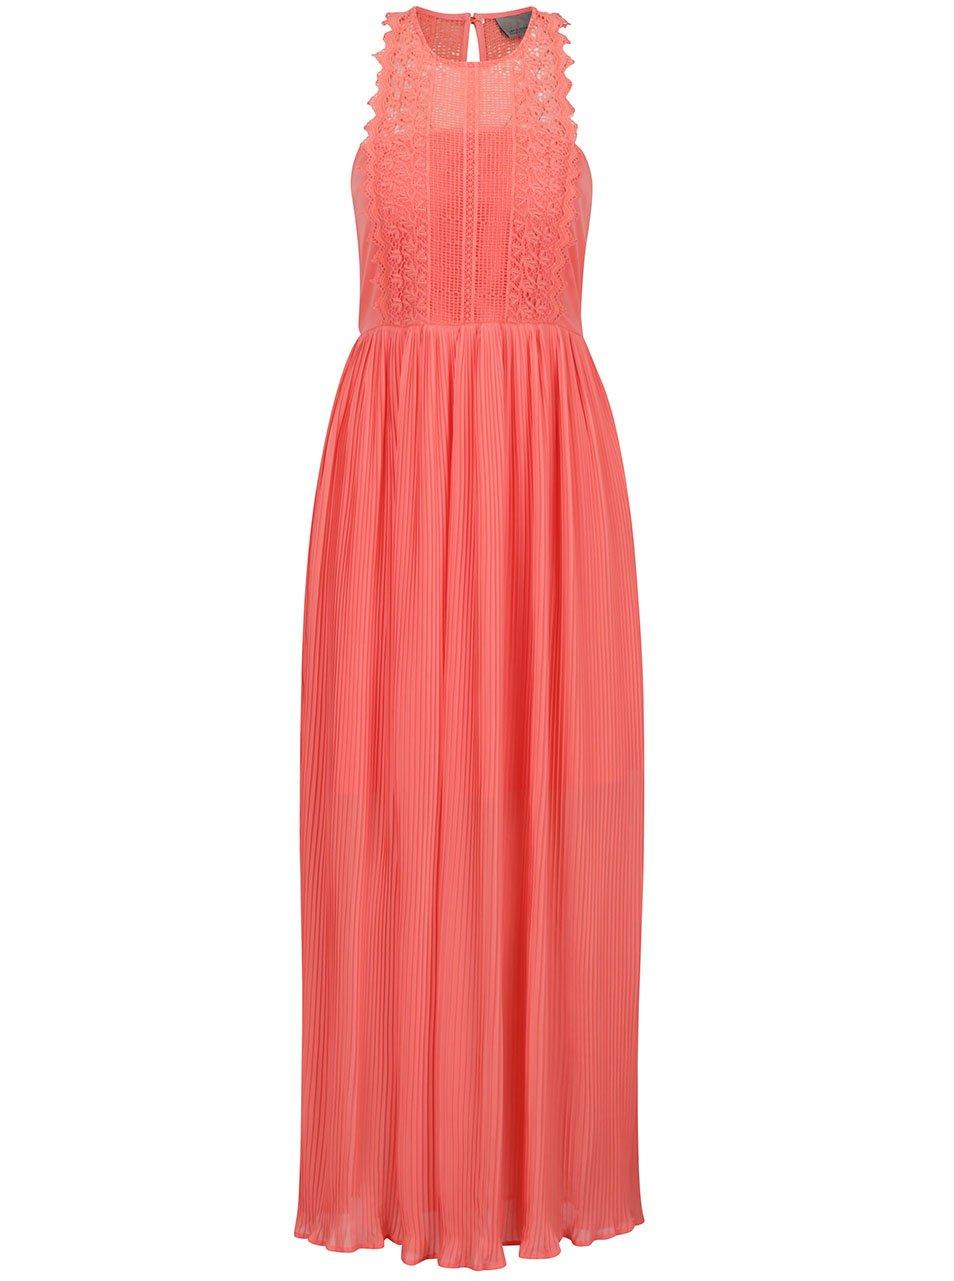 Růžové maxišaty s krajkovým zdobením a plisovanou sukní VERO MODA Celeste